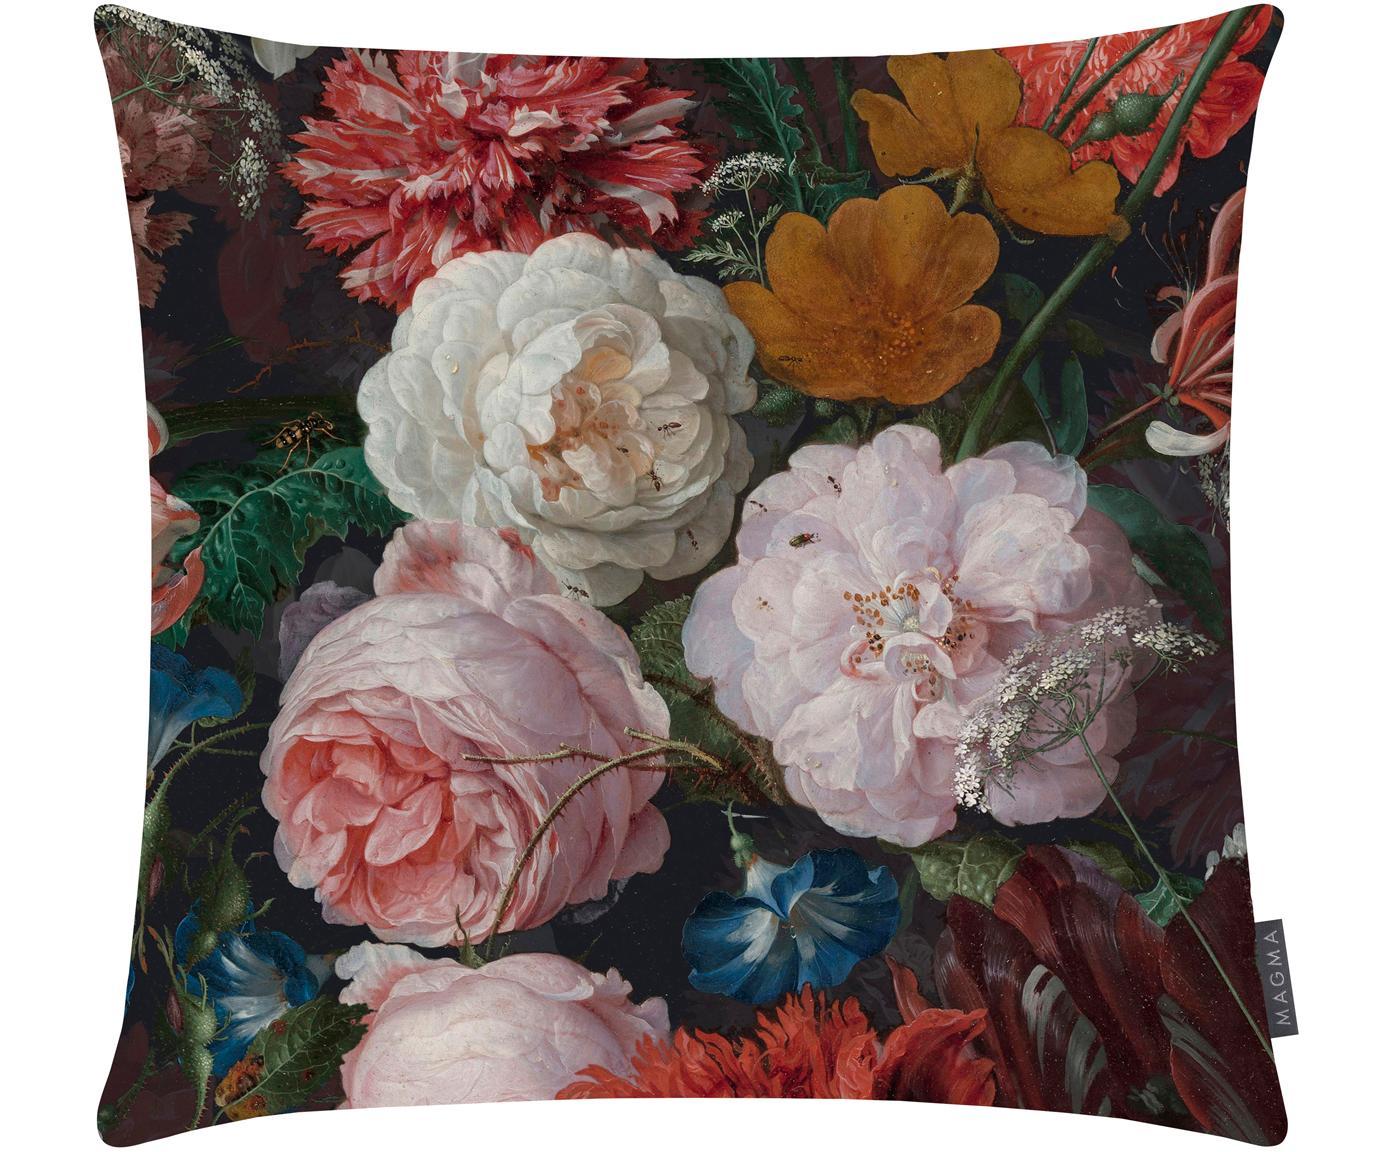 Dwustronna poszewka na poduszkę z aksamitu Fiore, Aksamit poliestrowy, nadruk, Antracytowy, blady różowy, czerwony, żółty, zielony, niebieski, S 40 x D 40 cm